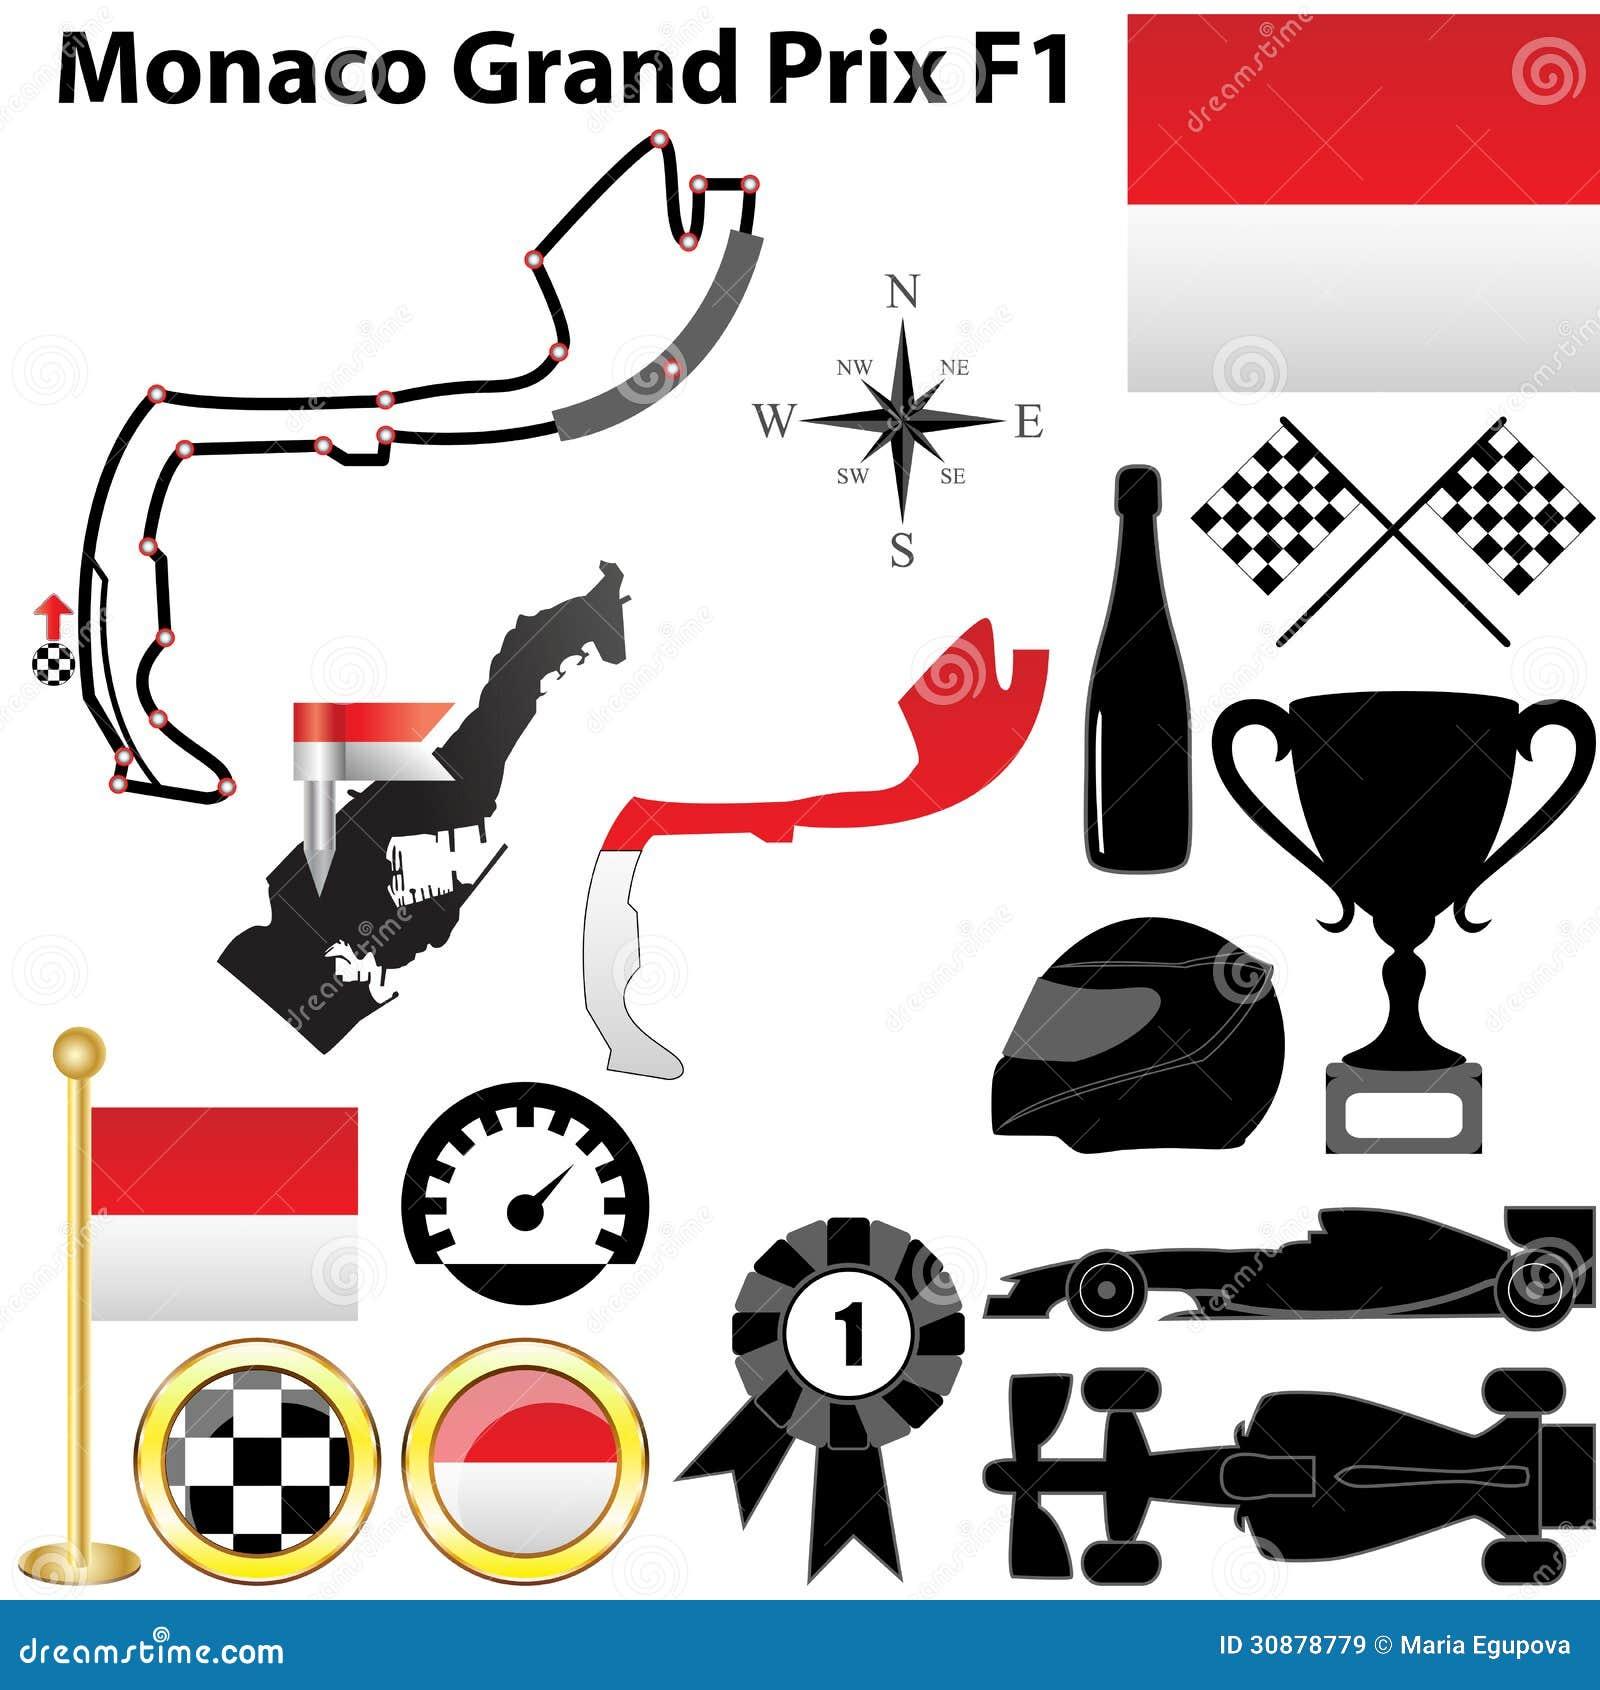 Monaco Uroczysty Prix F1